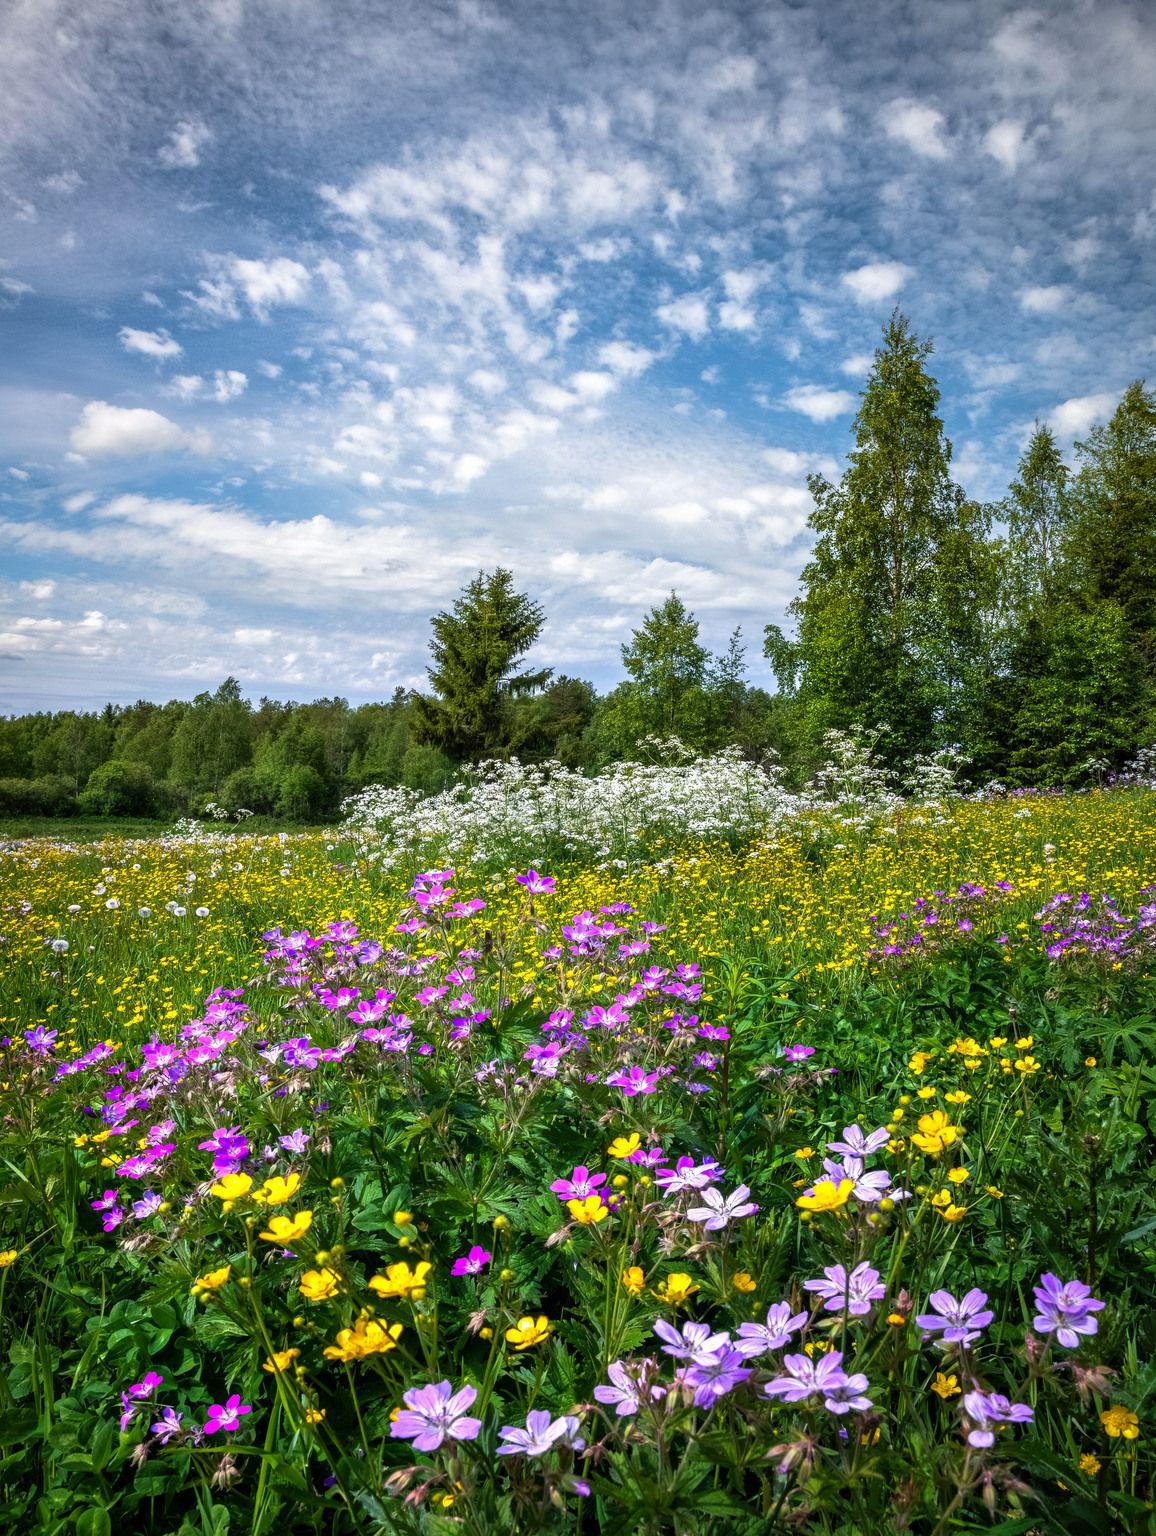 сделать фото картинки поляна цветов рецепт